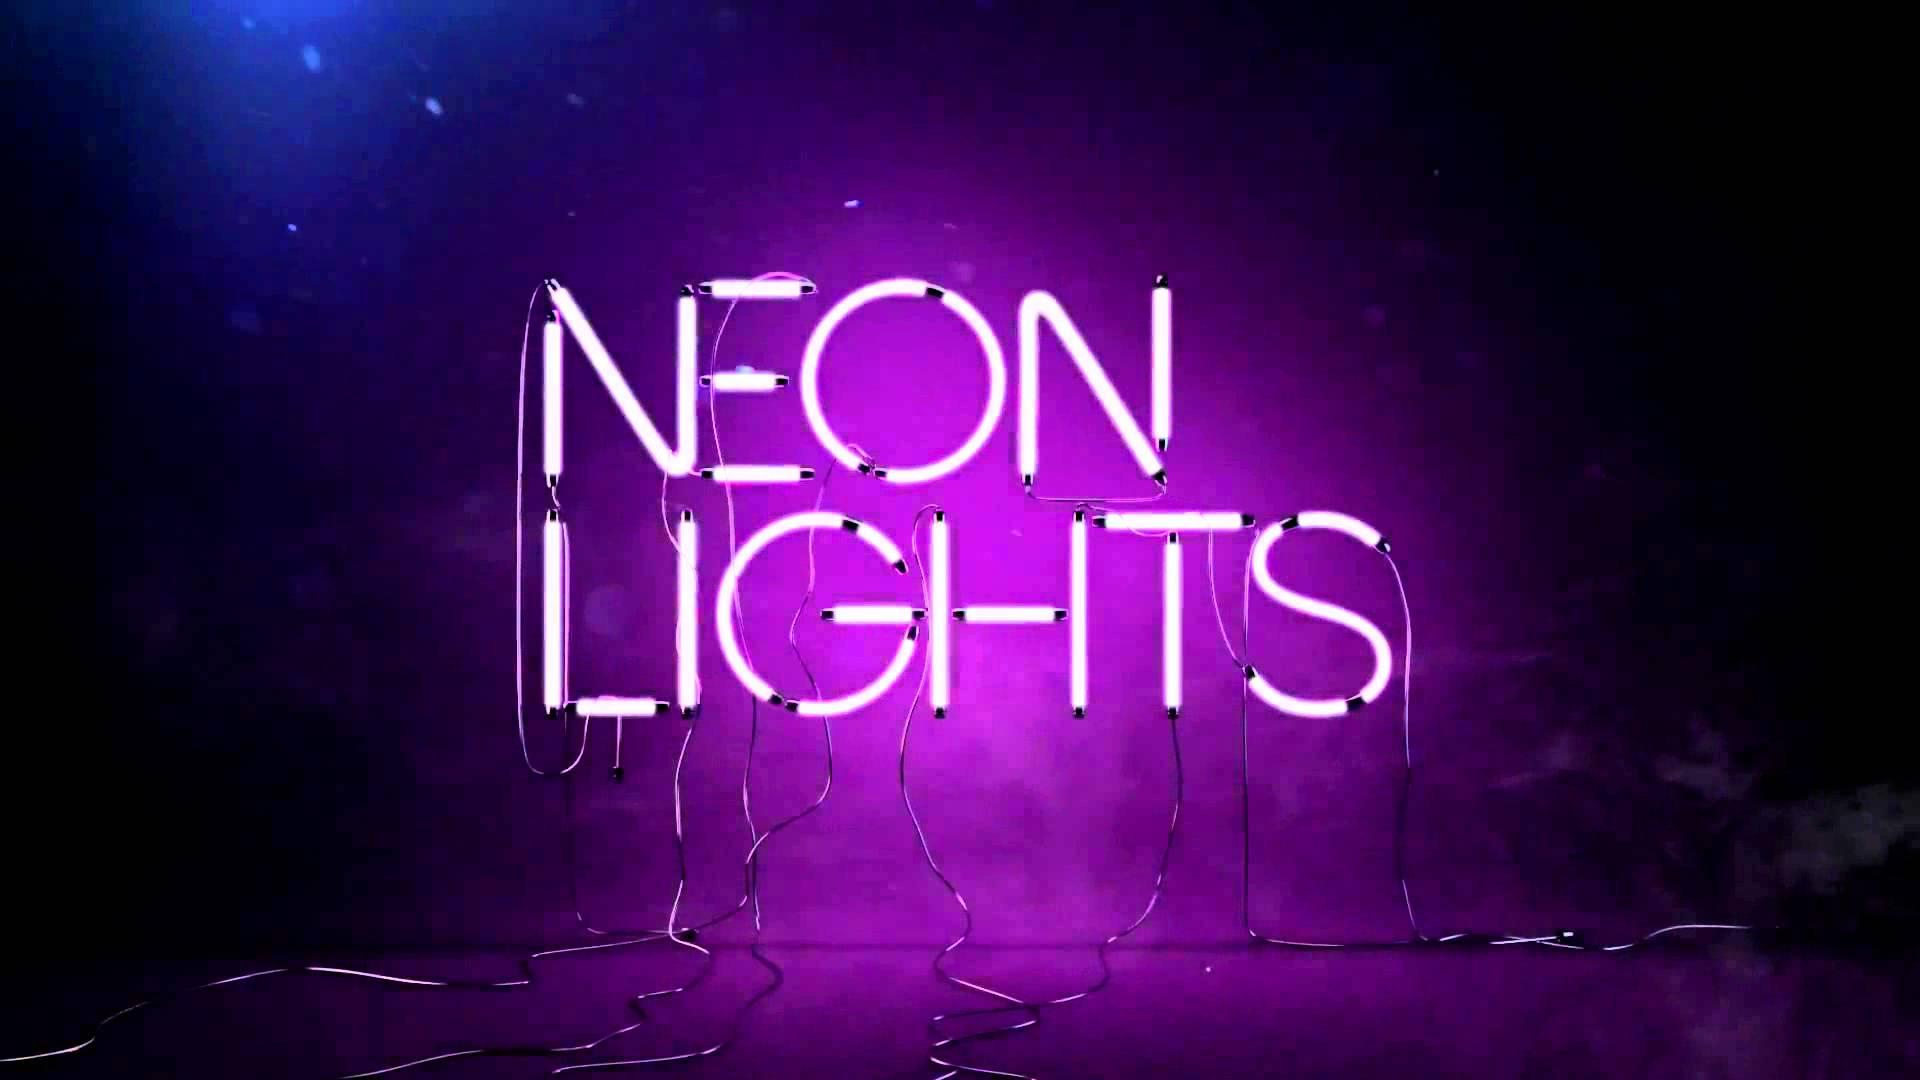 christmas neon lights hd - photo #29